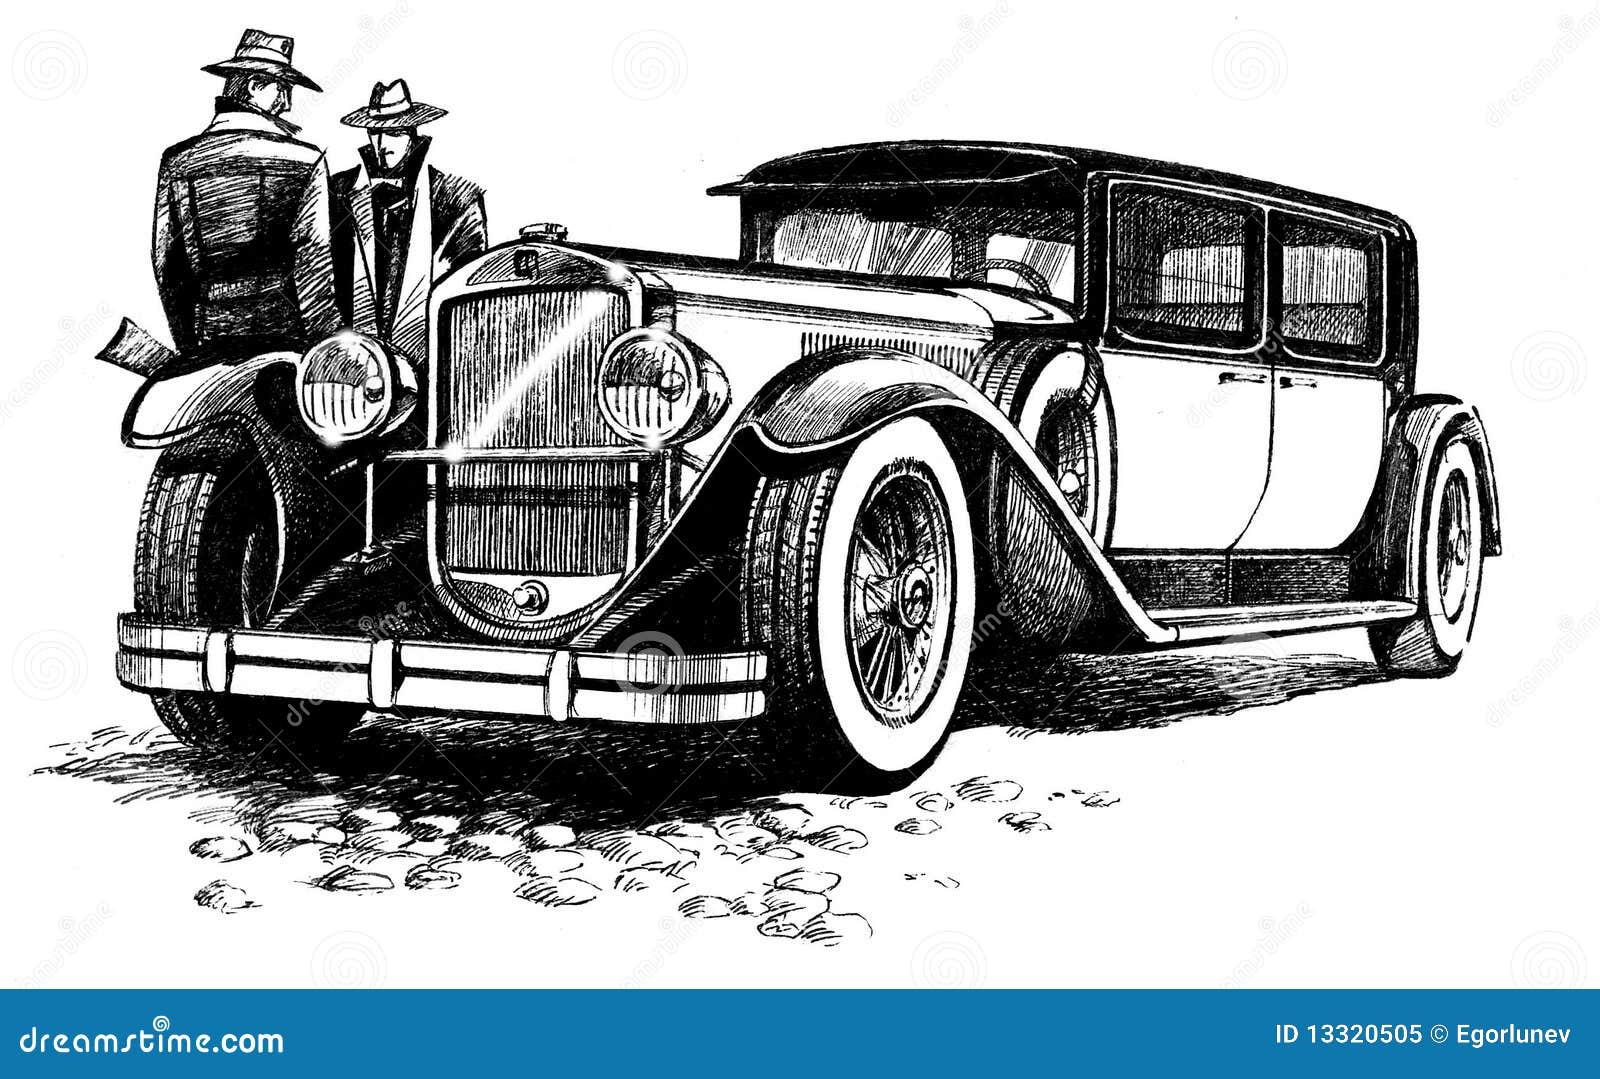 stylish ancient car stock illustration  image of land